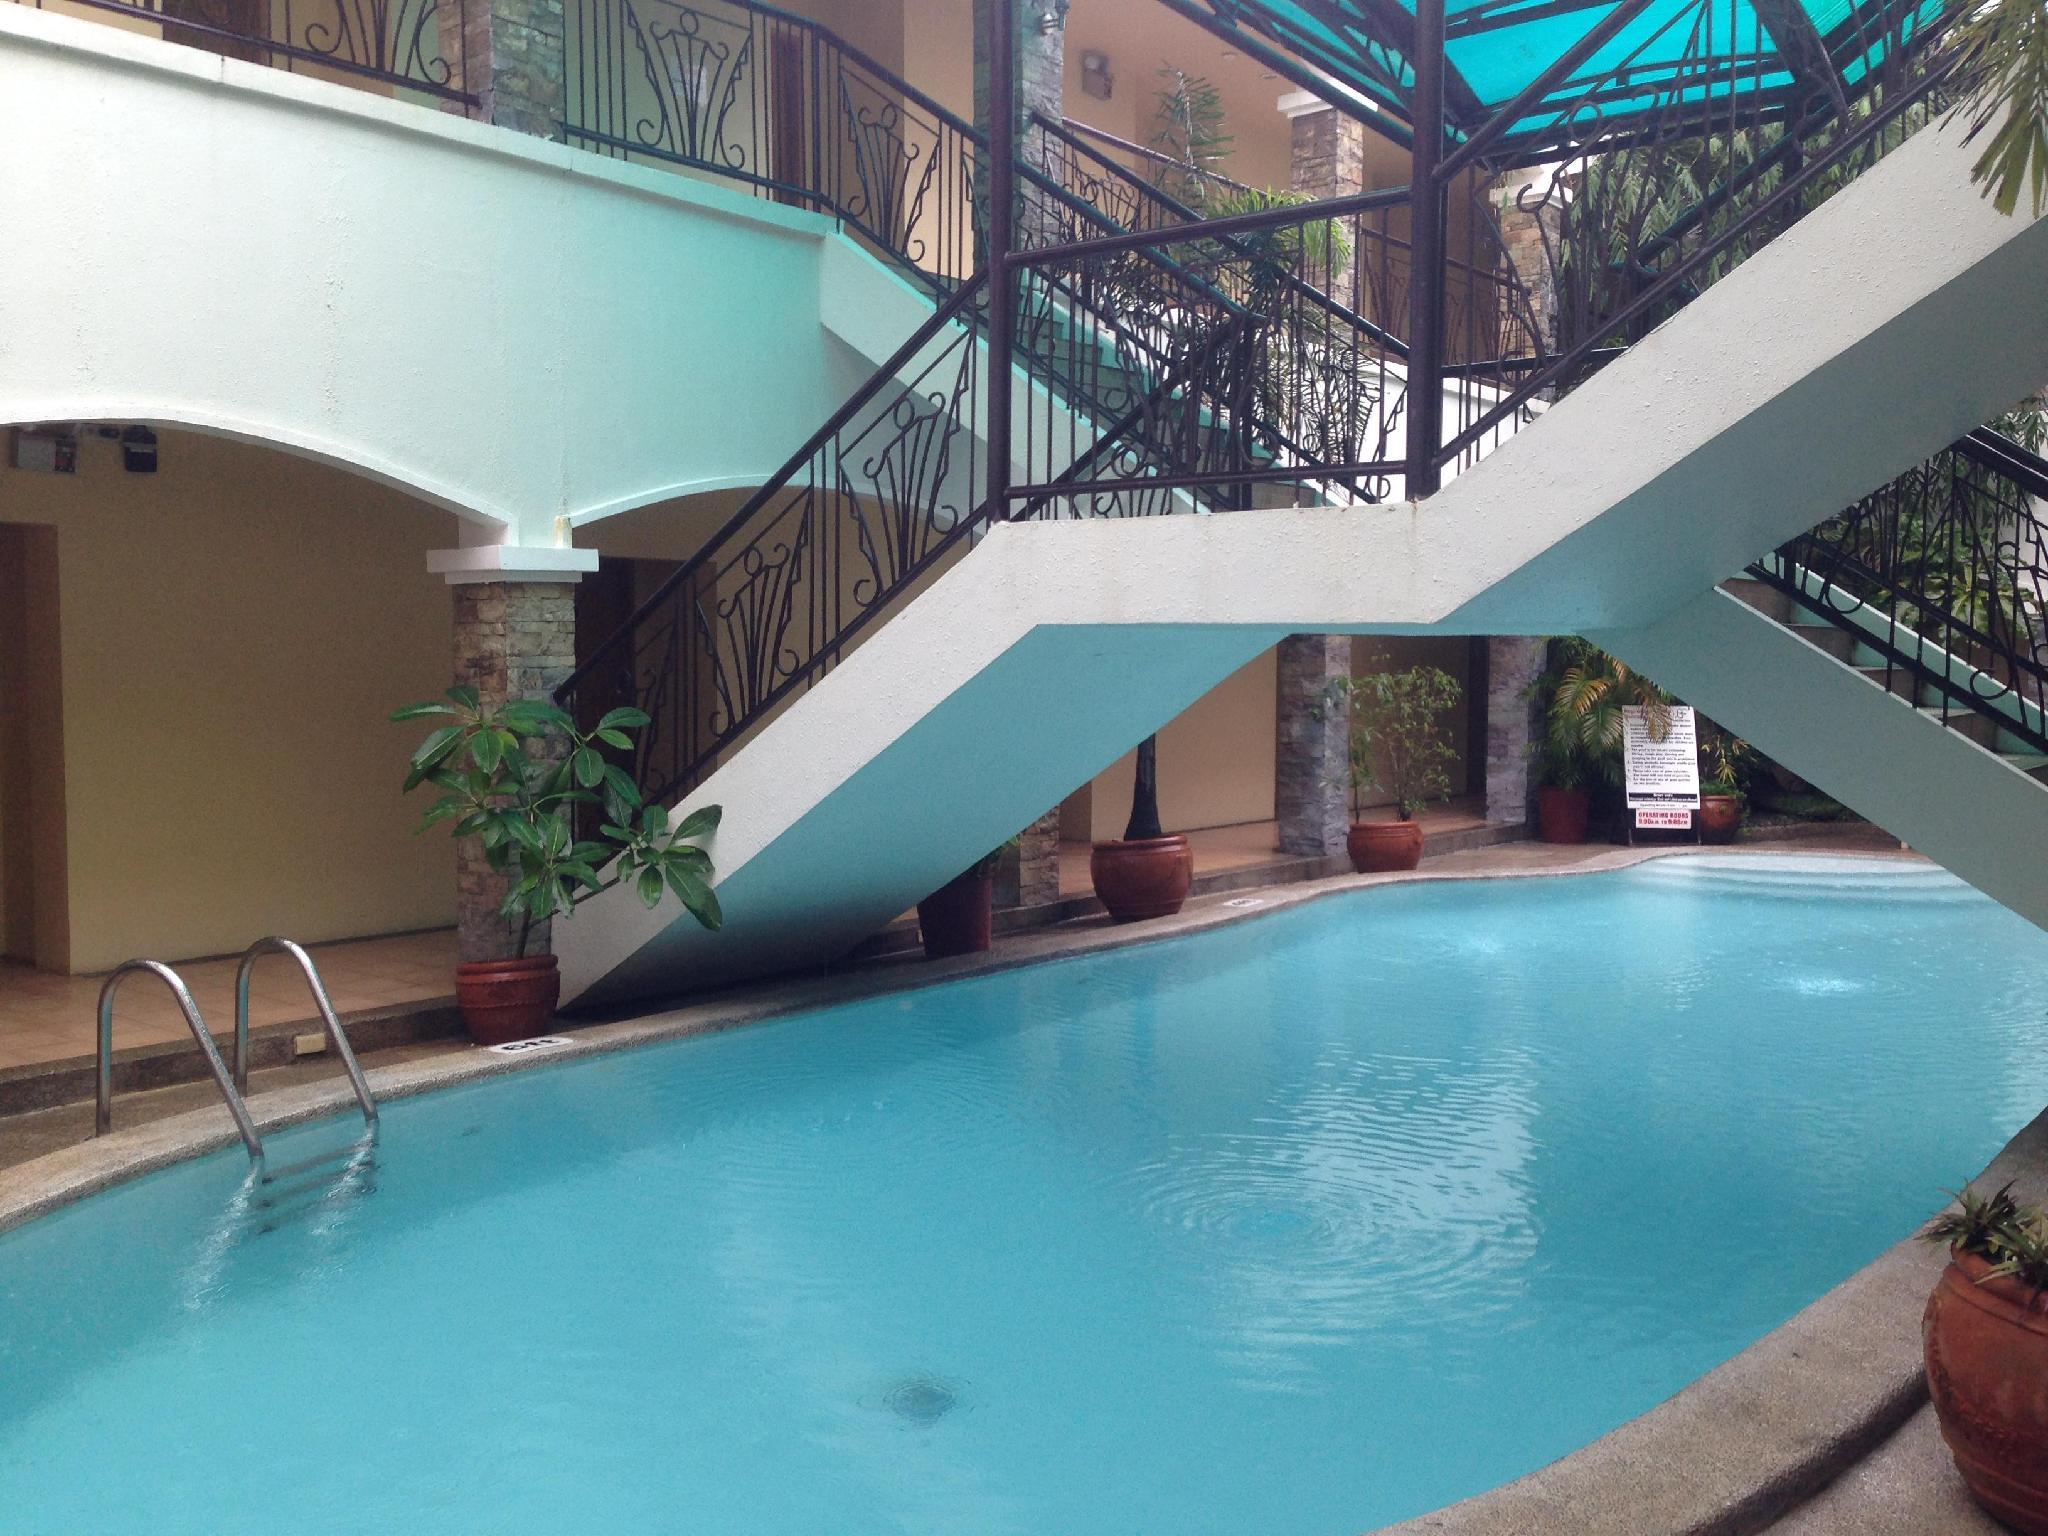 Bayfront Hotel Subic - Subic (Zambales)